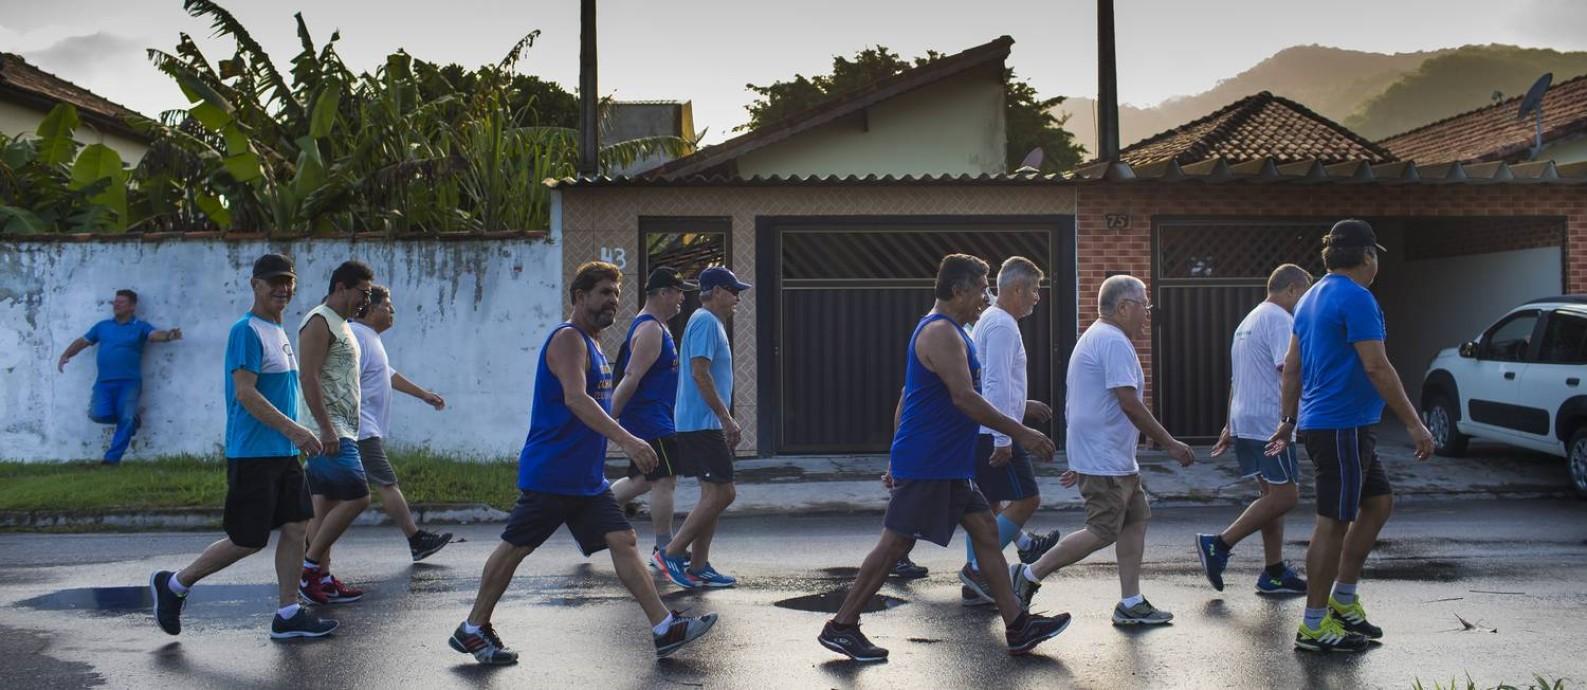 Grupo de aposentados Homens do Terço se reúne para fazer caminhada em Iguape Foto: Edilson Dantas / Agência O Globo